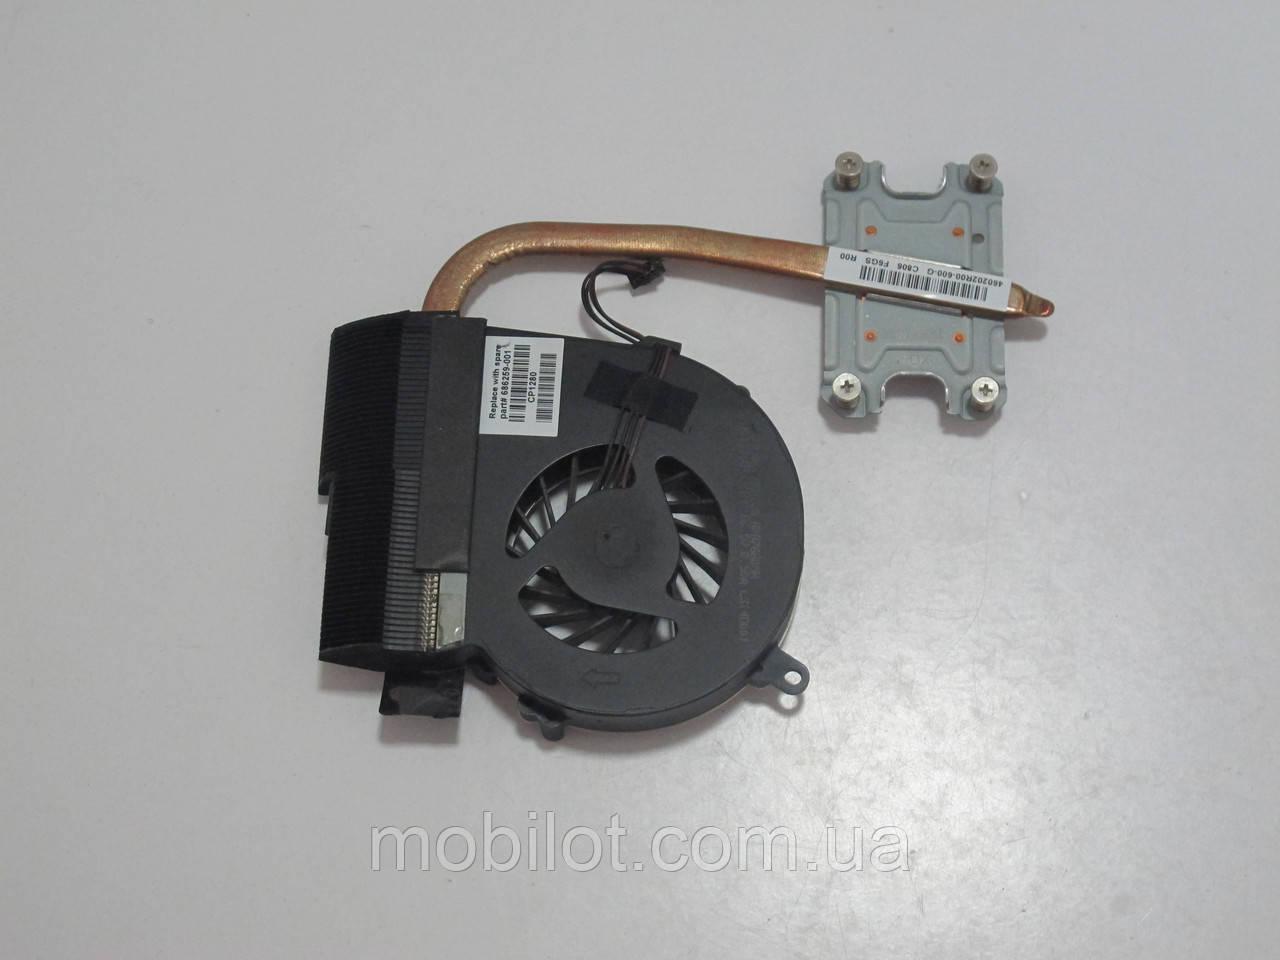 Система охлаждения HP 650 / 655 (NZ-5809)